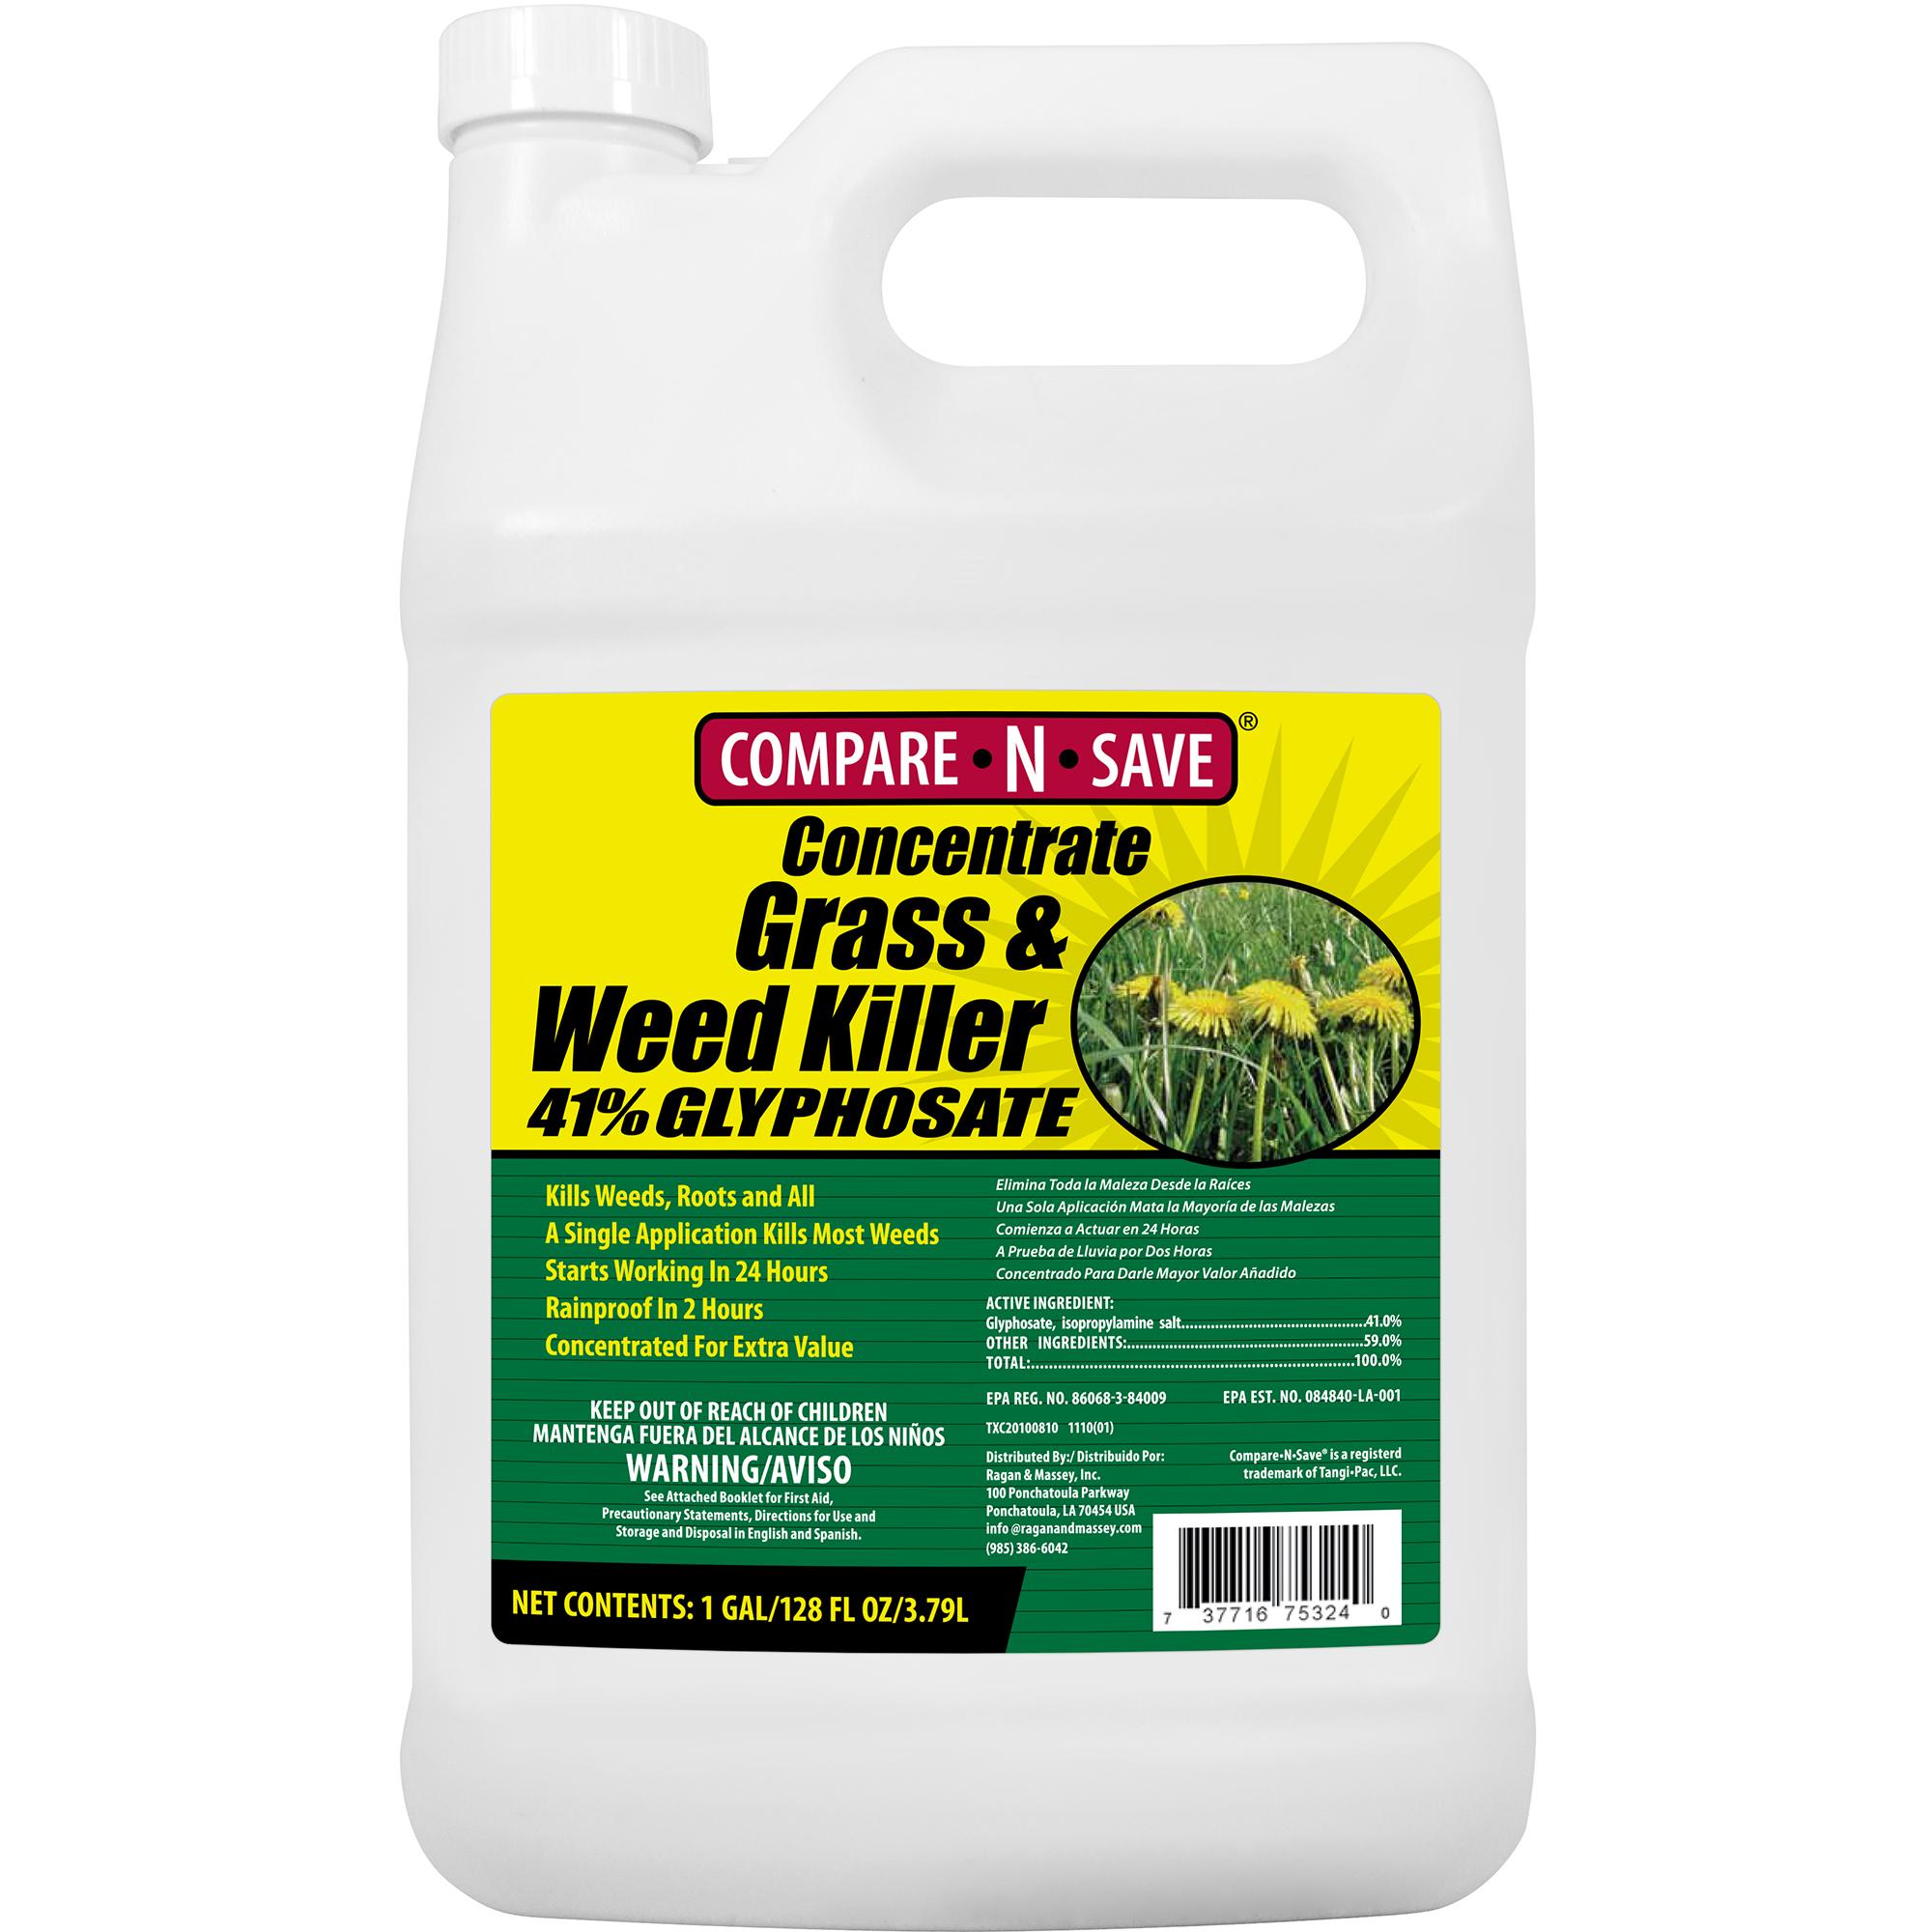 Weeds in flower beds organic killer - Weeds In Flower Beds Organic Killer 33